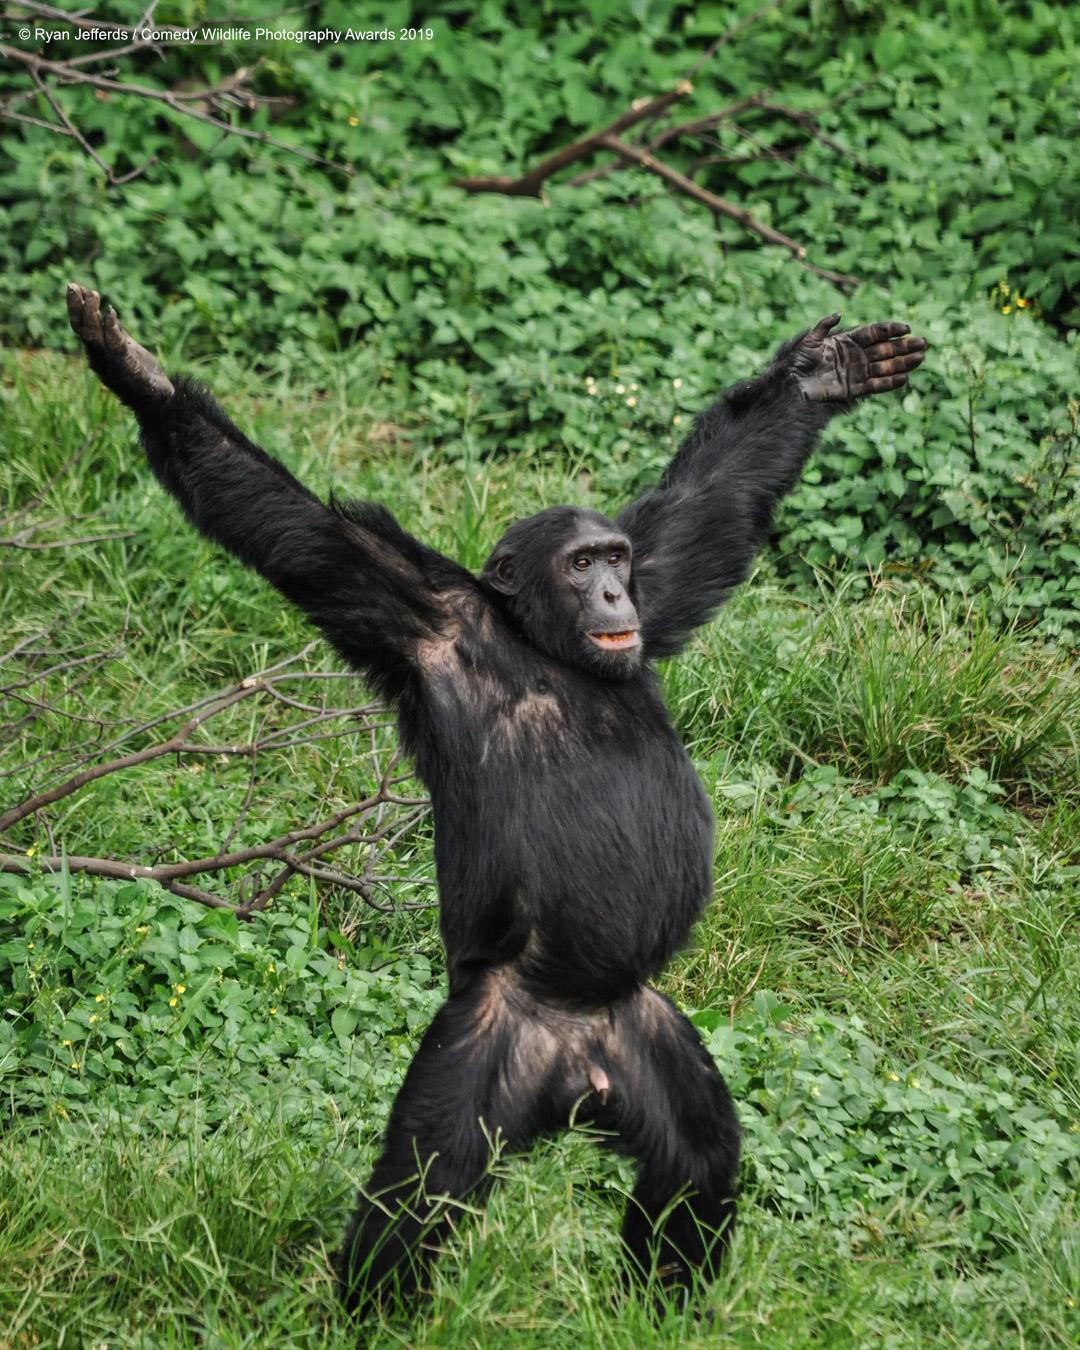 Čimpanza koja je spremna uloviti hranu, snimio Ryan Jefferds